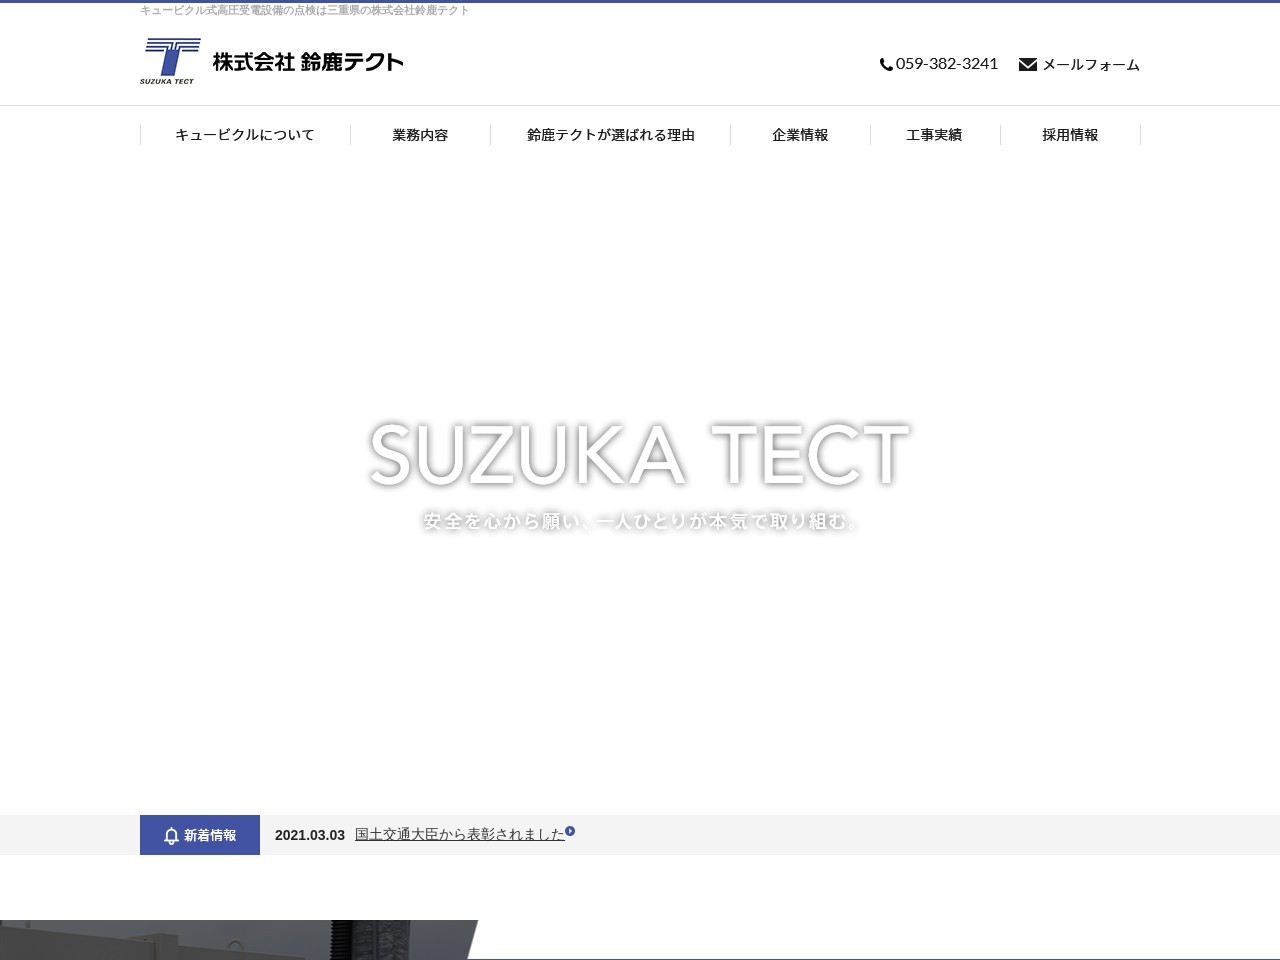 株式会社鈴鹿テクト